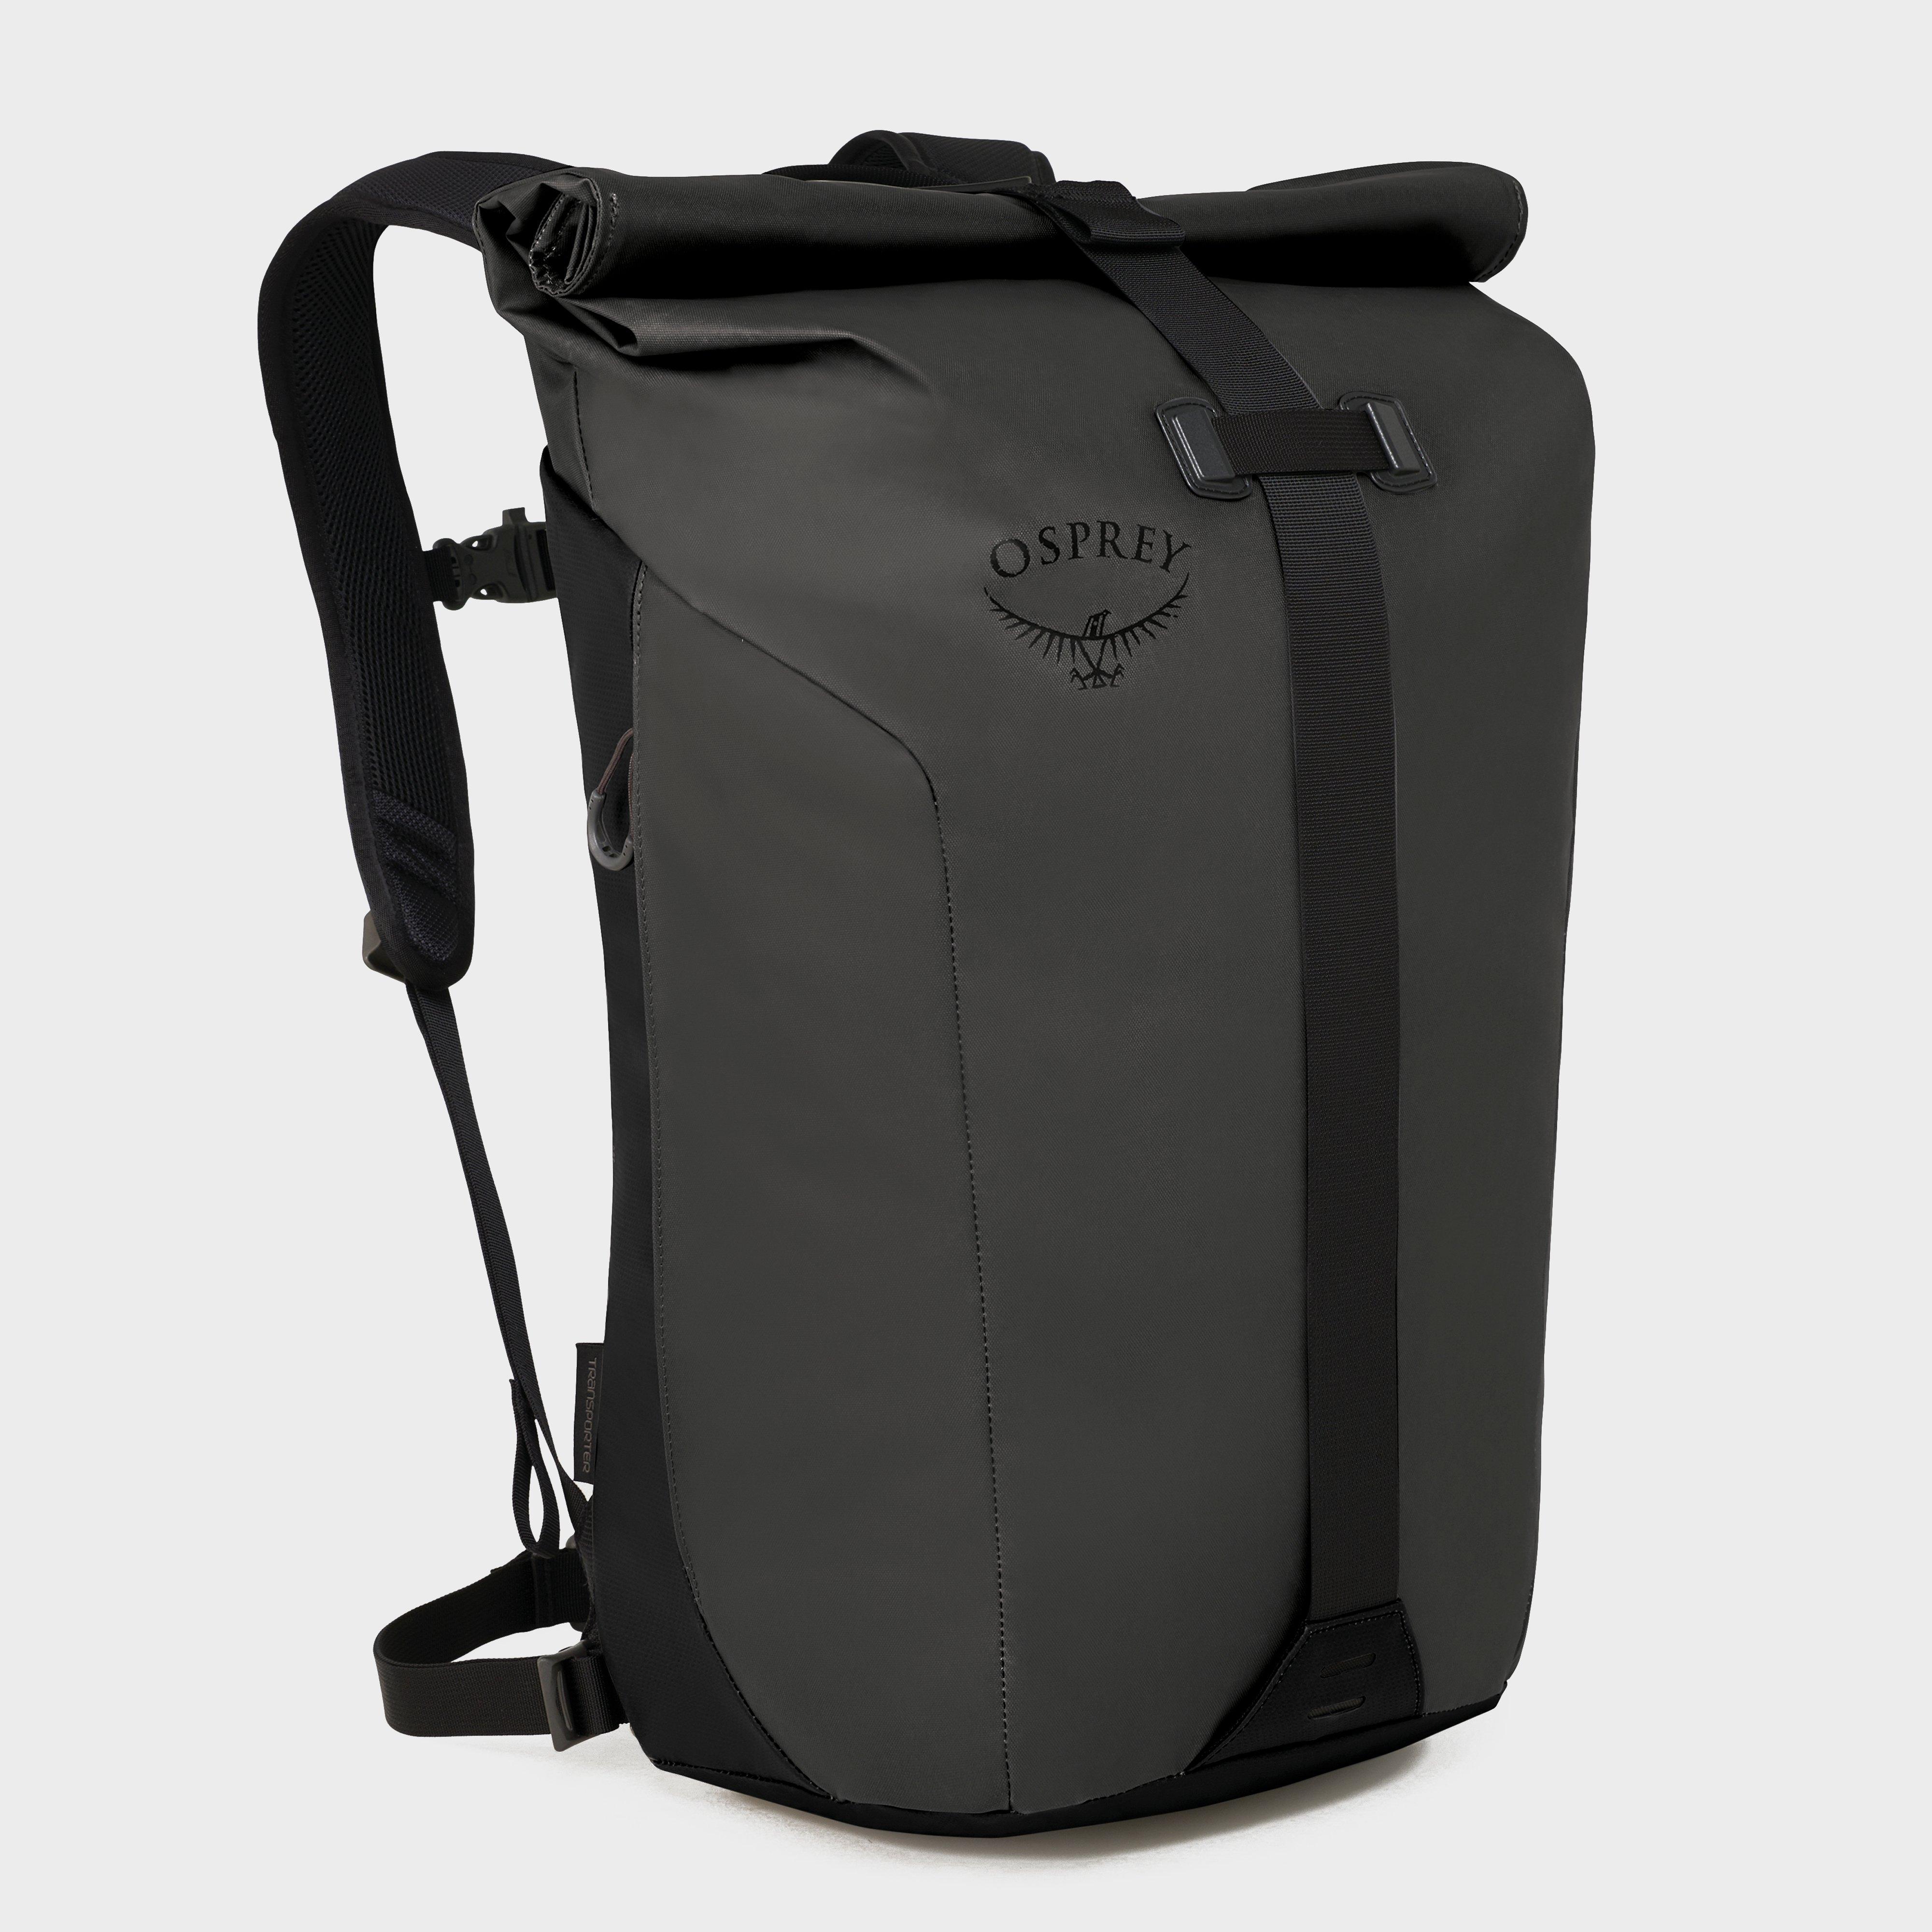 Osprey Transporter Roll Backpack - Black, Black